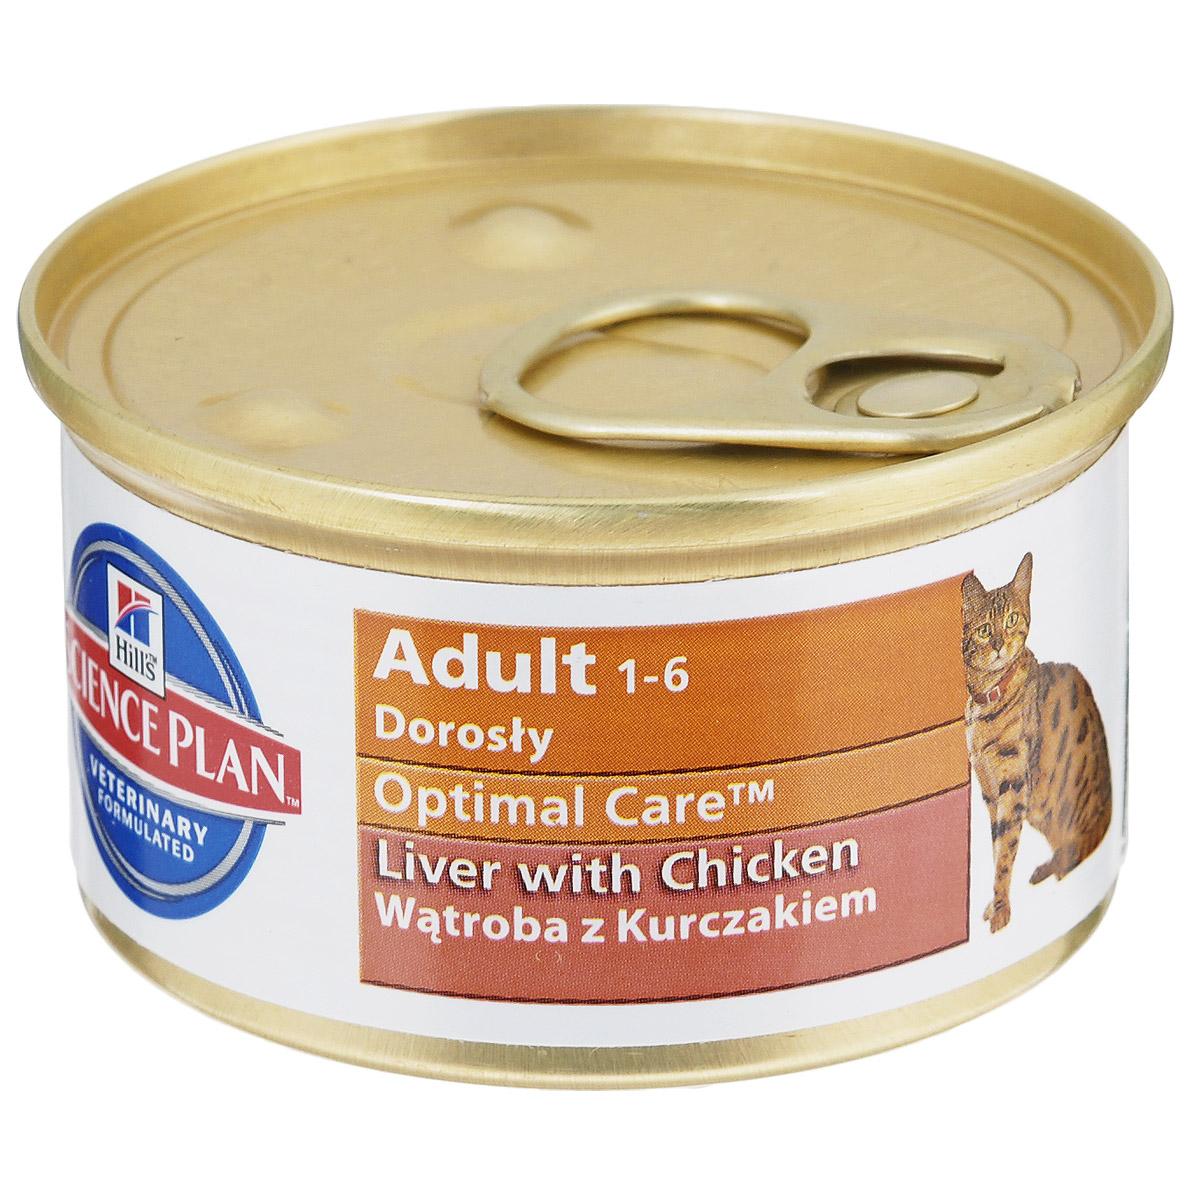 Консервы Hills Optimal Care для взрослых кошек, с курицей и печенью, 85 г9853Консервы для кошек Hills Optimal Care - это полноценное питание для кошек с 1 года до 6 лет. Помогает поддержать здоровье мочевыводящих путей и оптимальный вес, содержит антиоксиданты с клинически подтвержденным эффектом, протеины и Омега-3 жирные кислоты. Ключевые преимущества: Комплекс антиоксидантов с клинически подтвержденным эффектом для сильного иммунитета. Контролируемый уровень минералов для здоровья жизненно важных органов. Высоко перевариваемые ингредиенты для легкости пищеварения. 100% гарантия качества, консистенции и вкуса. Состав: мясо и продукты животного происхождения (минимум 26% печени, минимум 5% курицы), злаки, целлюлоза, масла и жиры, минералы, дрожжи, DL-метионин. Отдельные ингредиенты: печень (минимум 26%), свинина, курица (минимум 5%), маис, пшеничная мука, кукурузный крахмал, целлюлоза, животный жир, гидролизат белка, рисовая мука, кальция карбонат, пивные дрожжи, калия хлорид, кальция сульфат,...